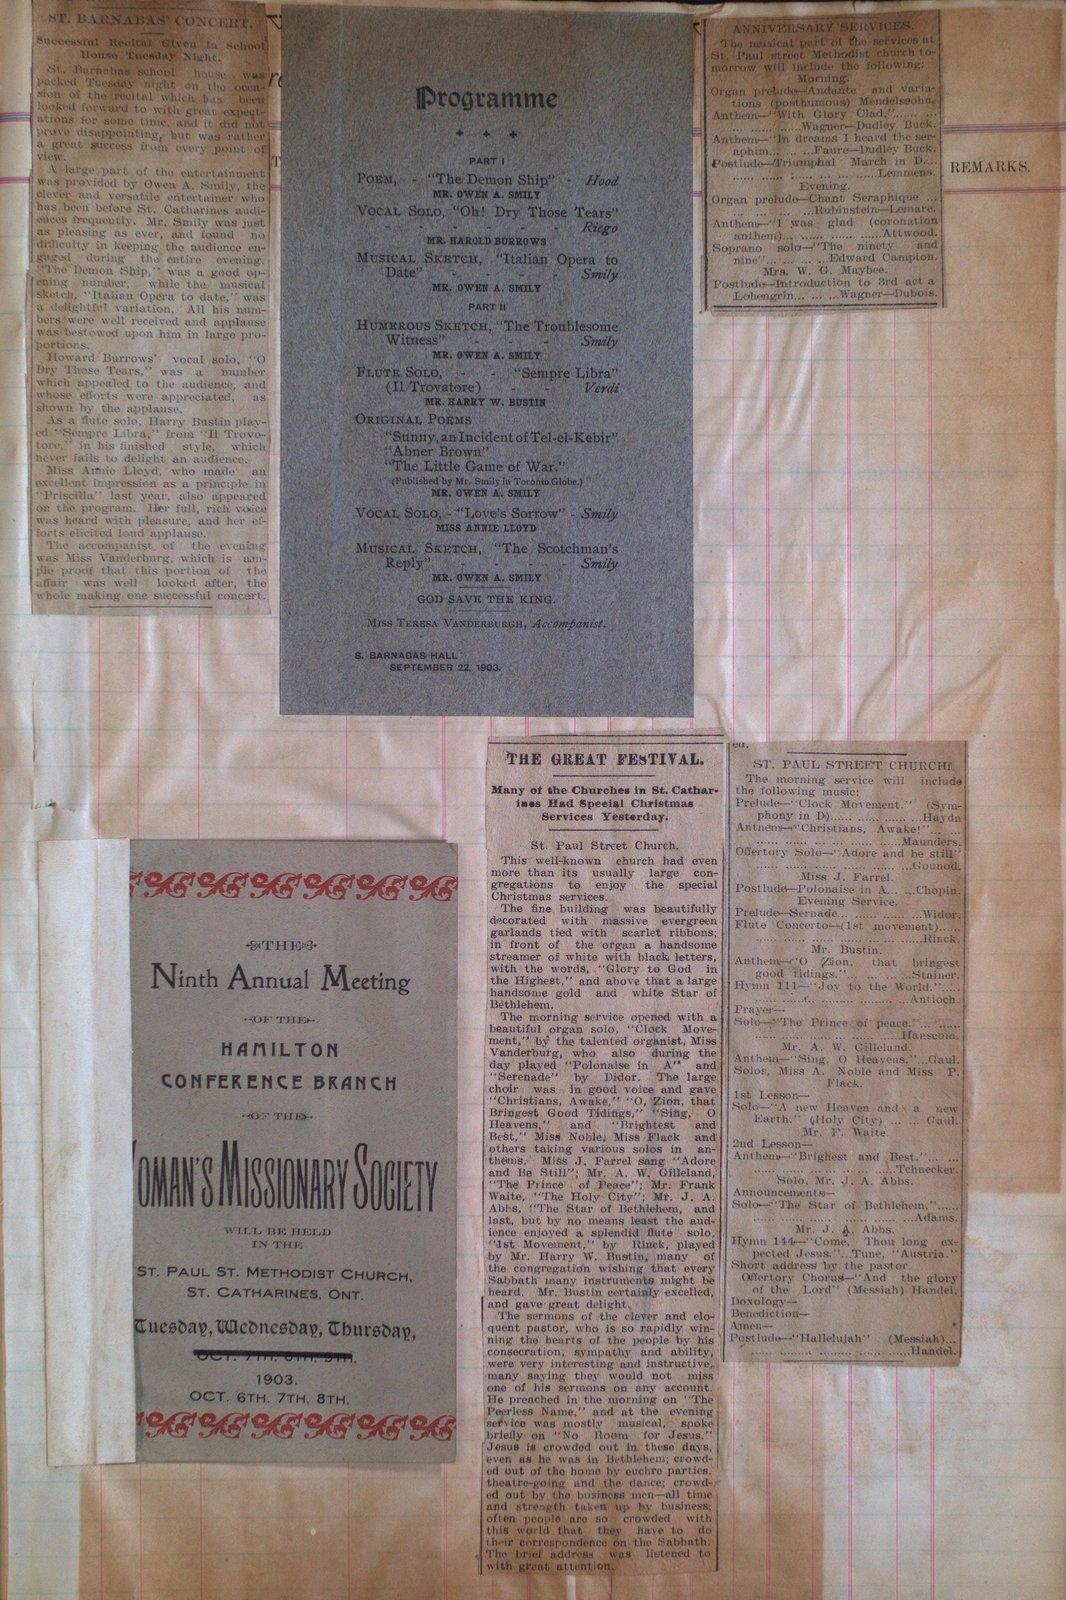 Teresa Vanderburgh's Musical Scrapbook #2 - Newspaper Clippings and Concert Programs